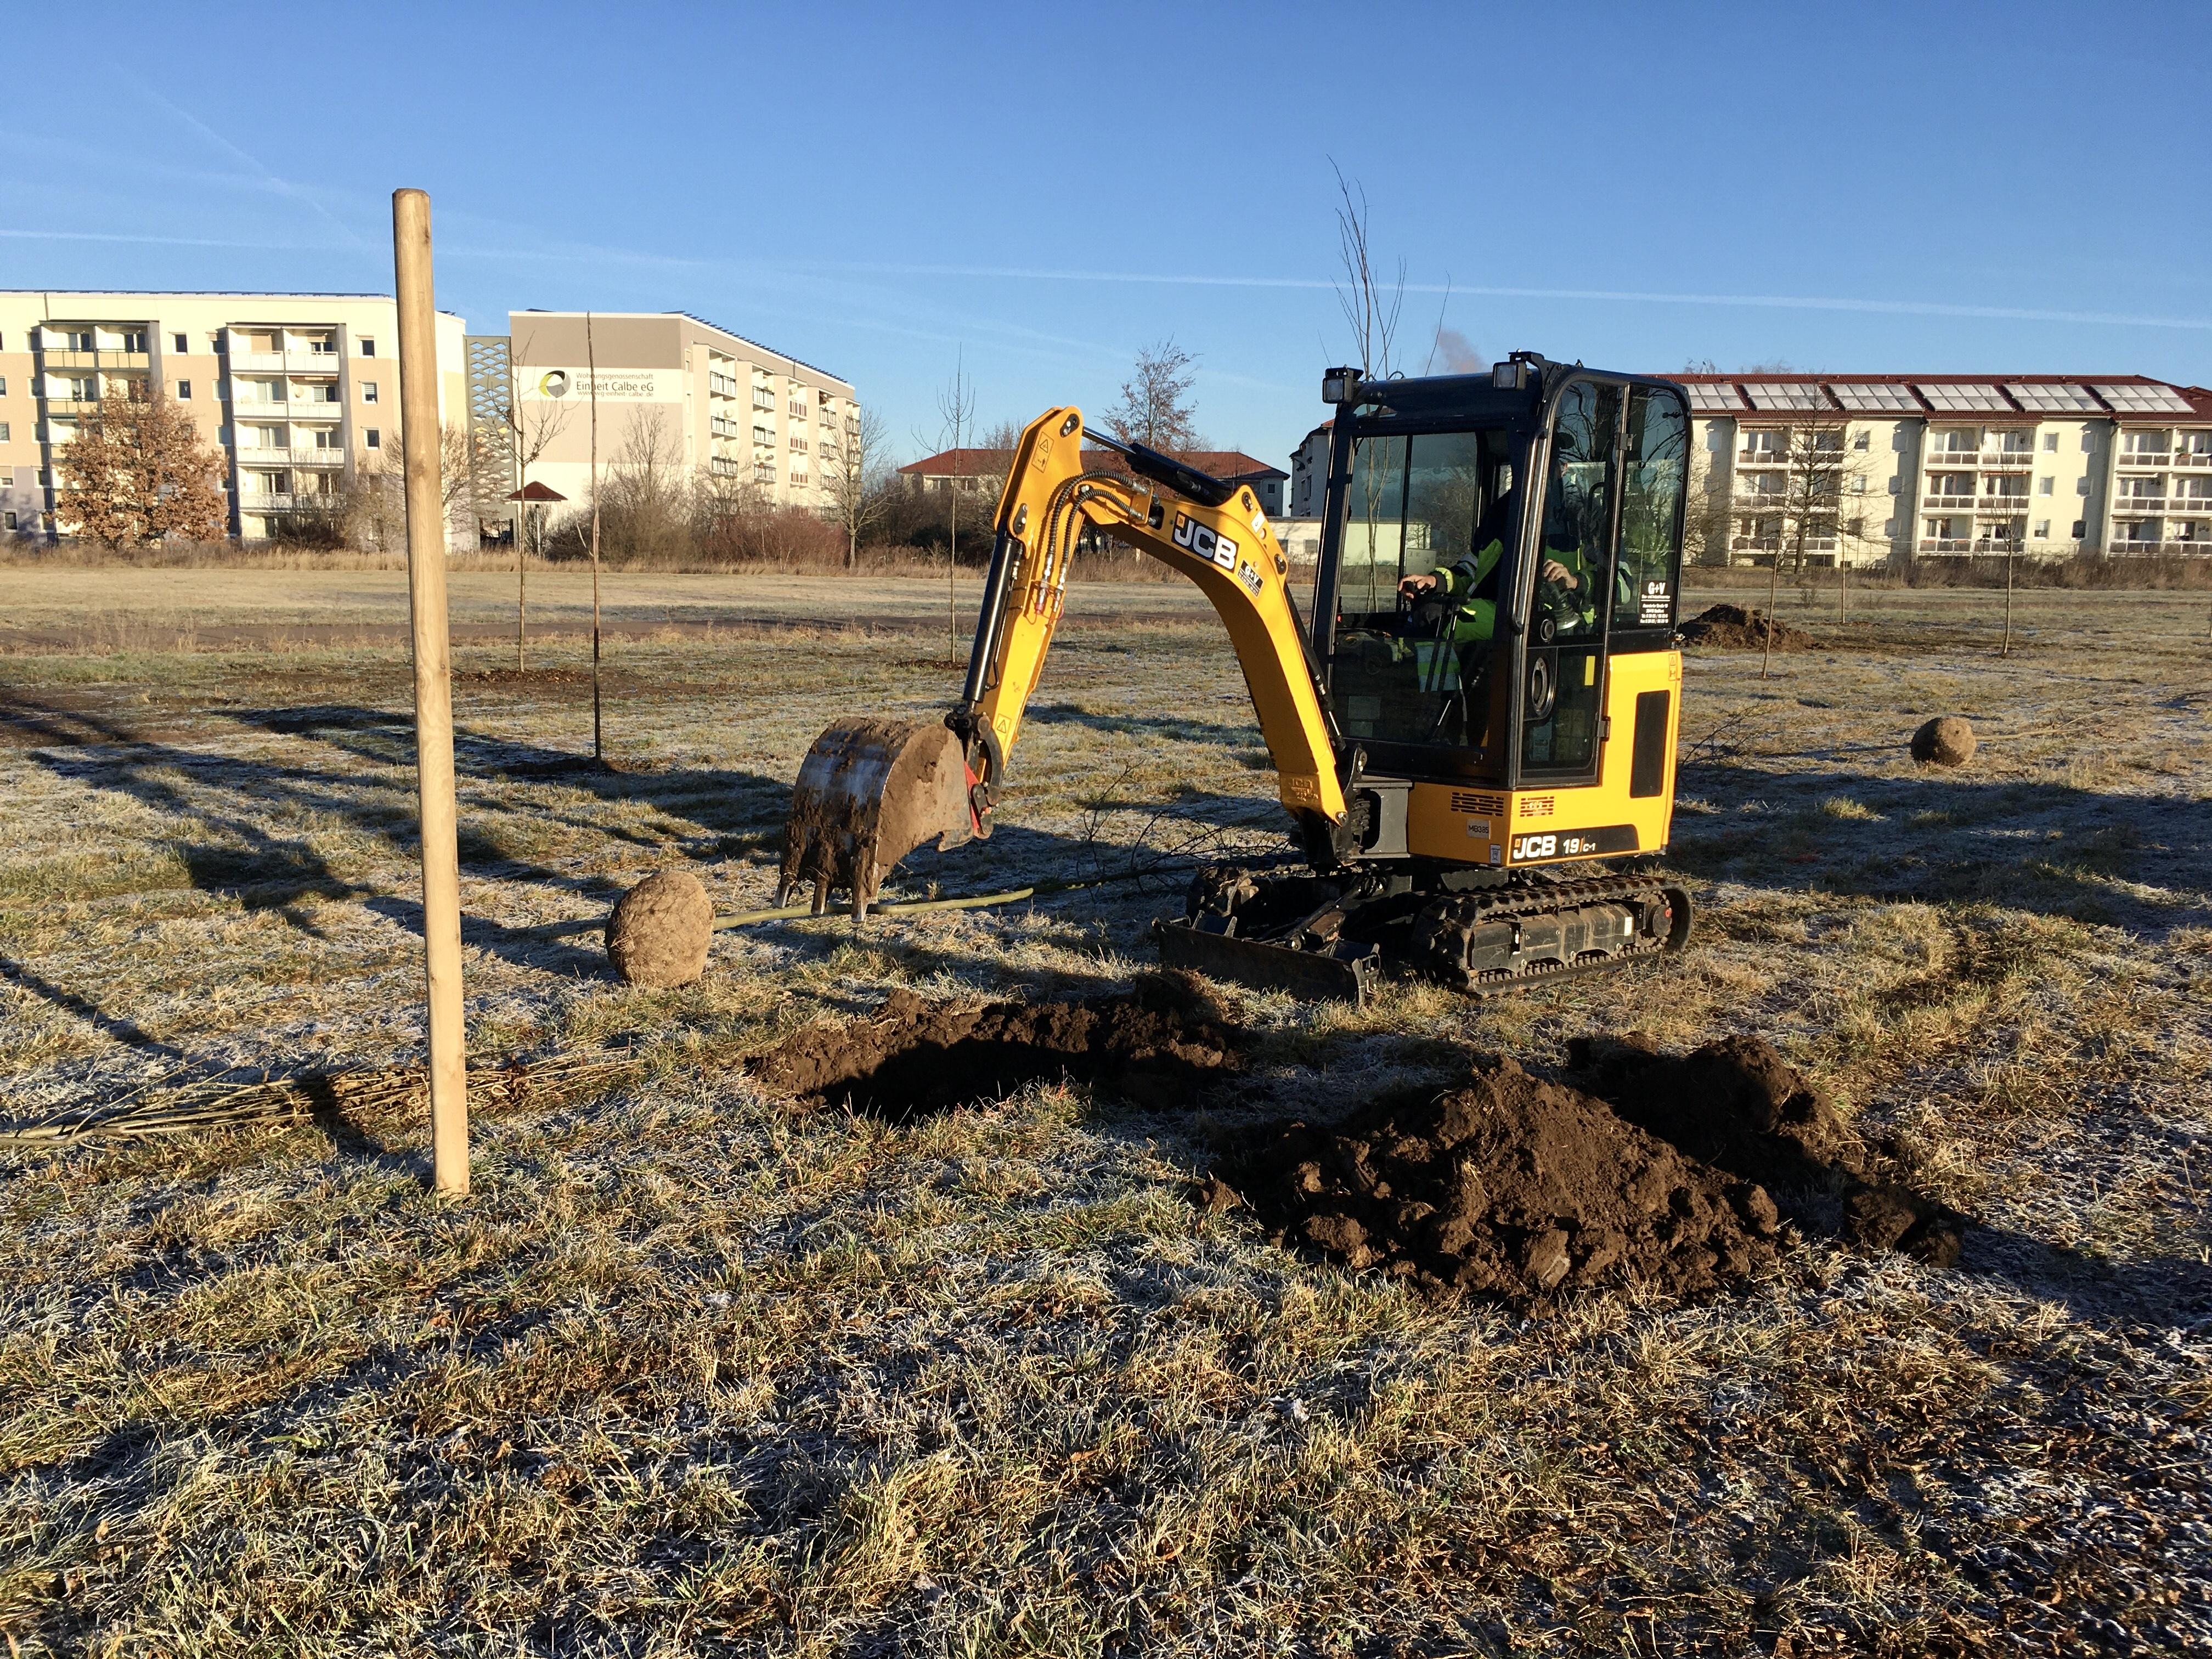 Mitarbeiter des Baubetriebshofes Calbe pflanzten Ende Januar 34 Bäume als Ausgleich im Rahmen der Herstellung eines Radweges zwischen Ortsausgang und dem Gewerbegebiet West